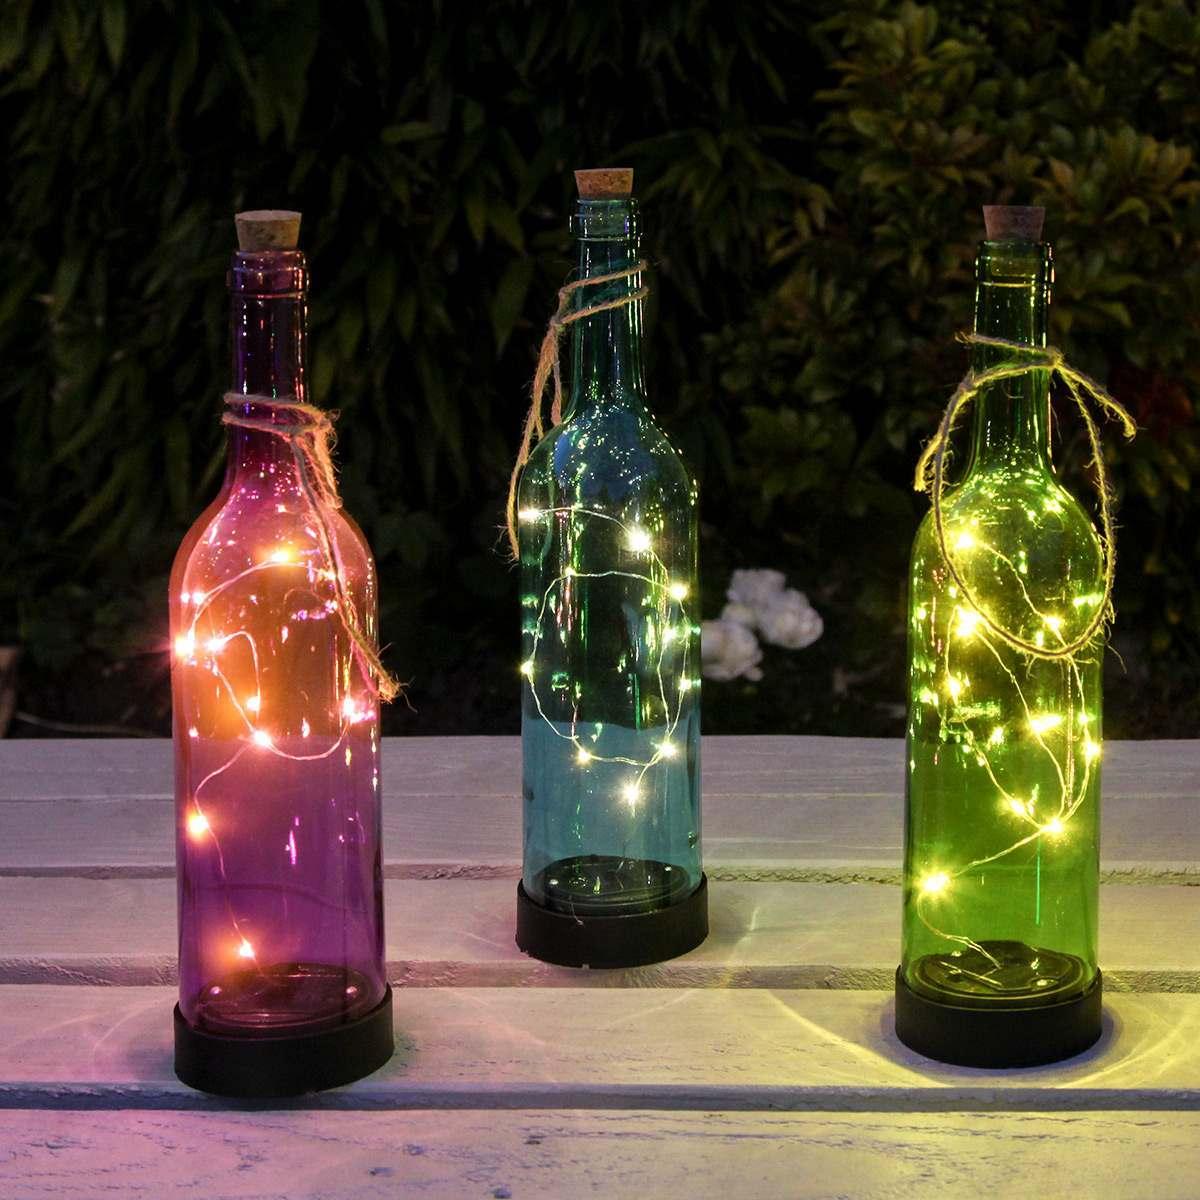 Lights in a bottle lights in a wine bottle wine bottles for Diy solar wine bottle lights